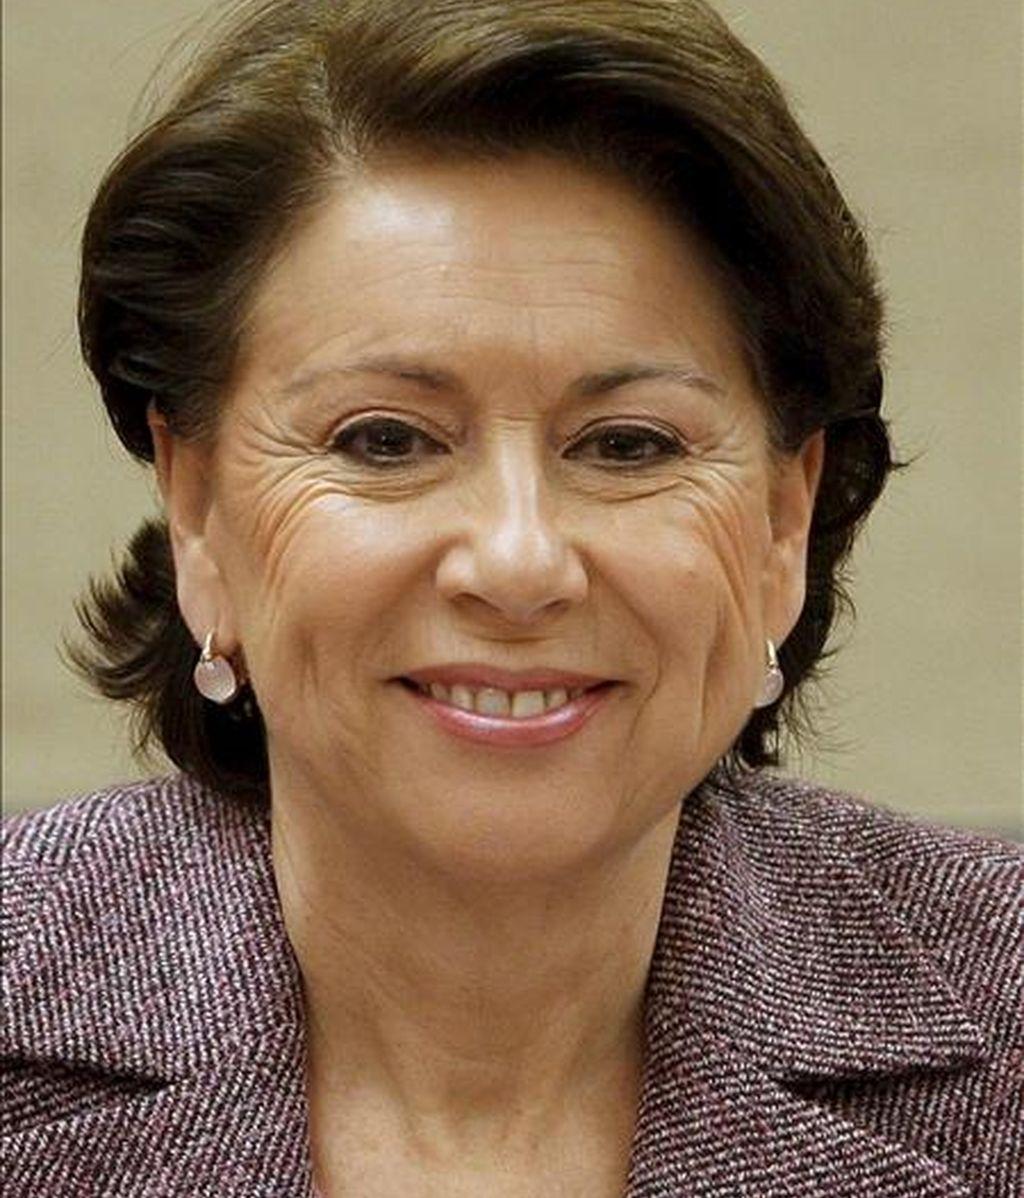 La ex ministra de Fomento Magdalena Álvarez, quien irá en el tercer puesto del PSOE a las próximas elecciones europeas. EFE/Archivo